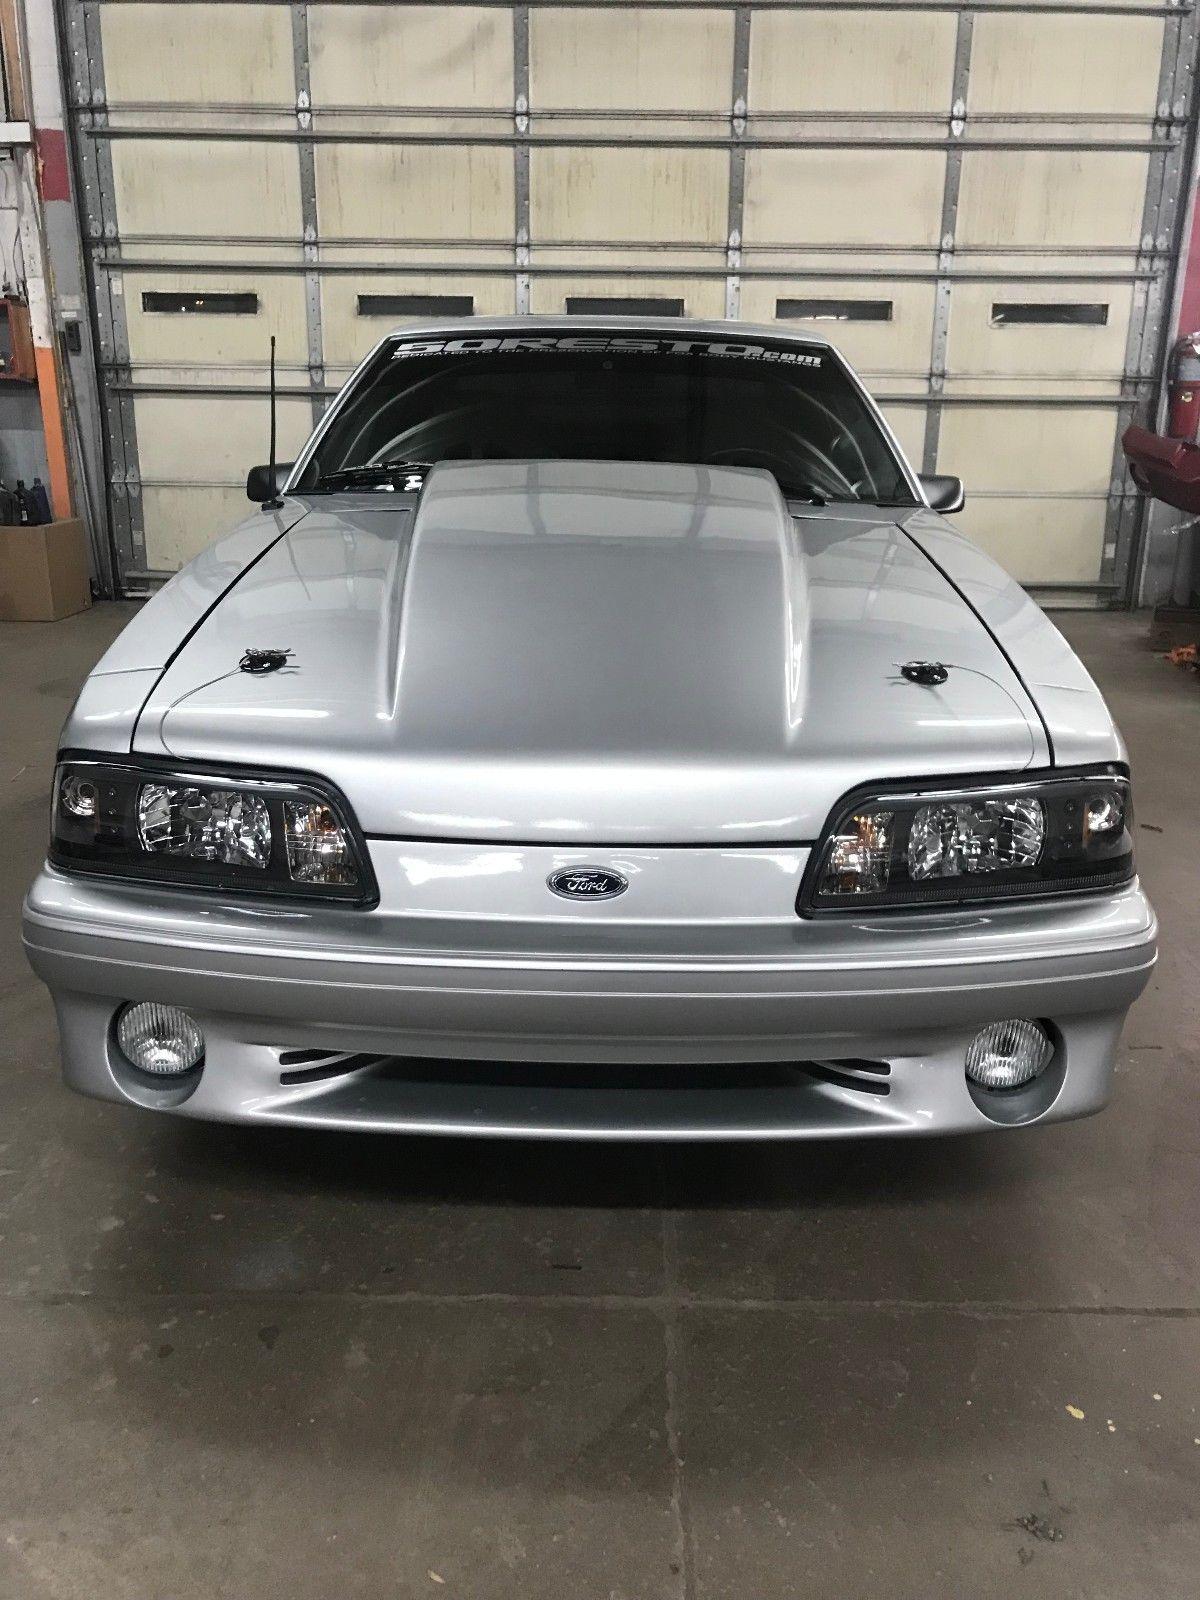 eBay 1991 Ford Mustang GT 1991 Ford Mustang GT 331 Stroker Super